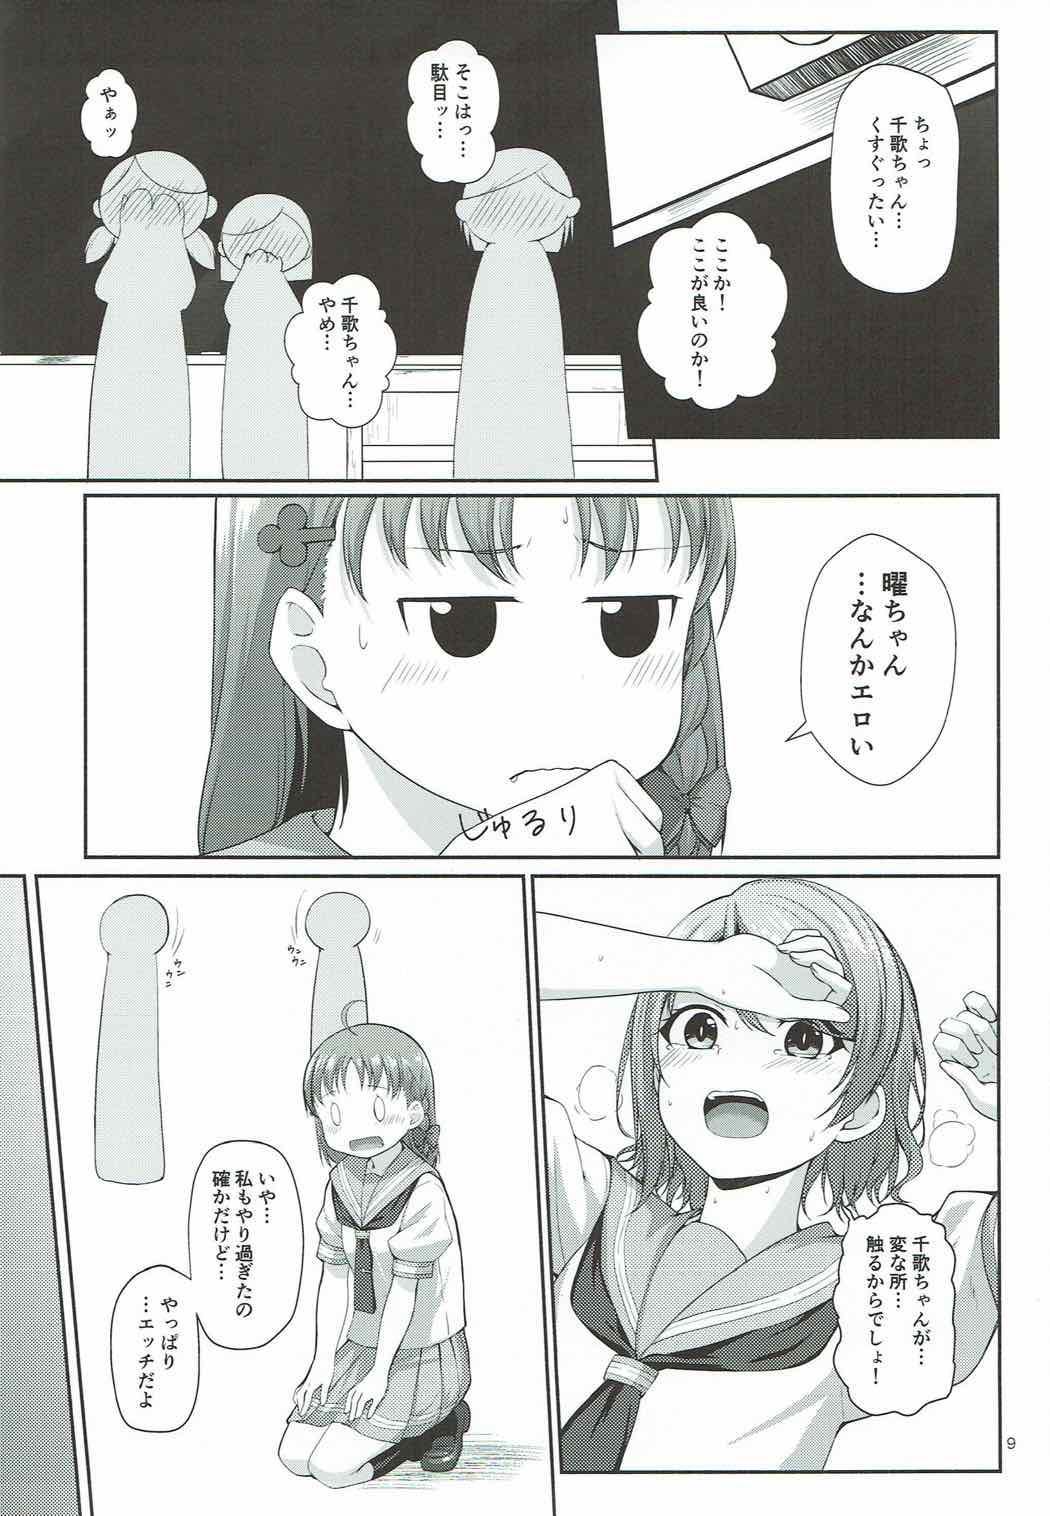 Mokuyoubi no Tameiki 9